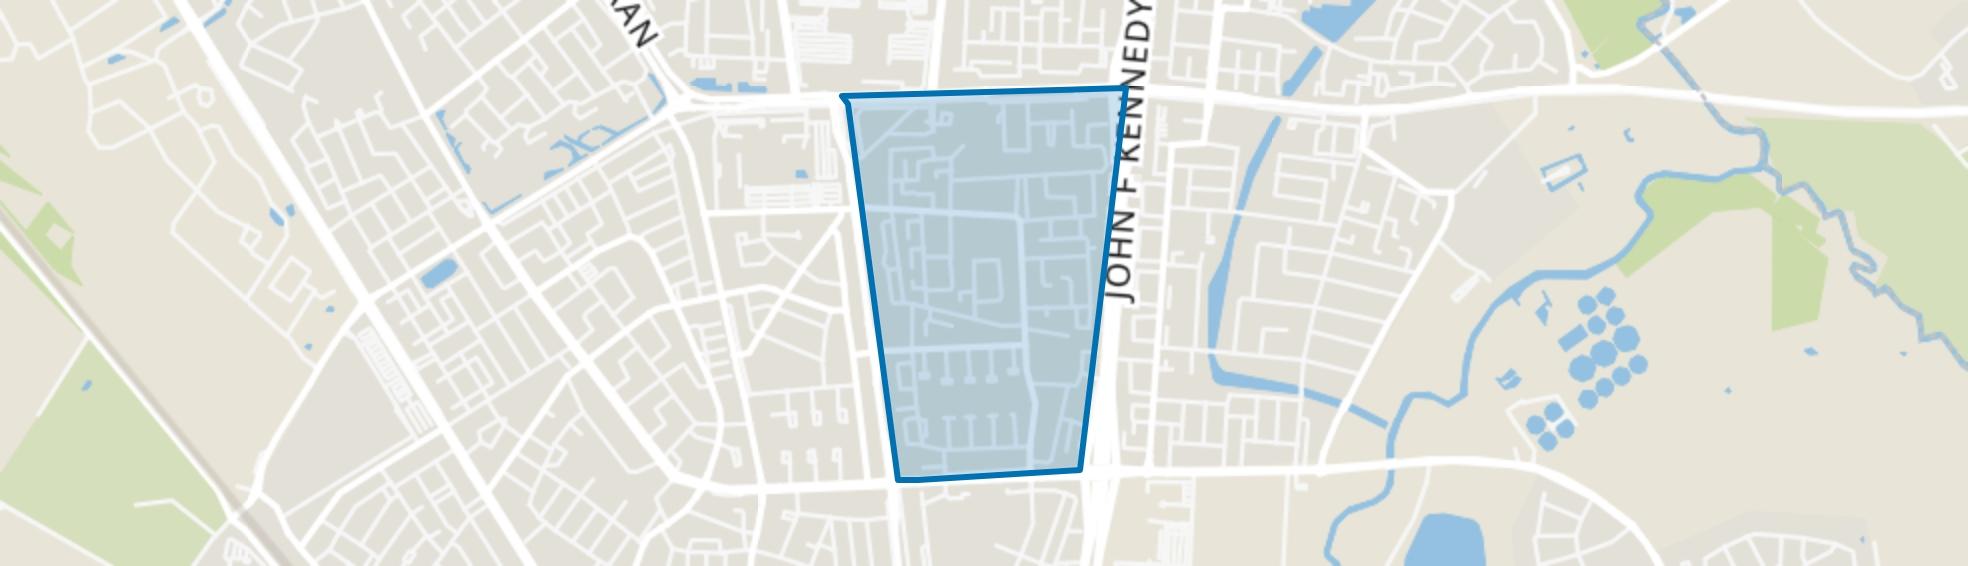 Generalenbuurt, Eindhoven map